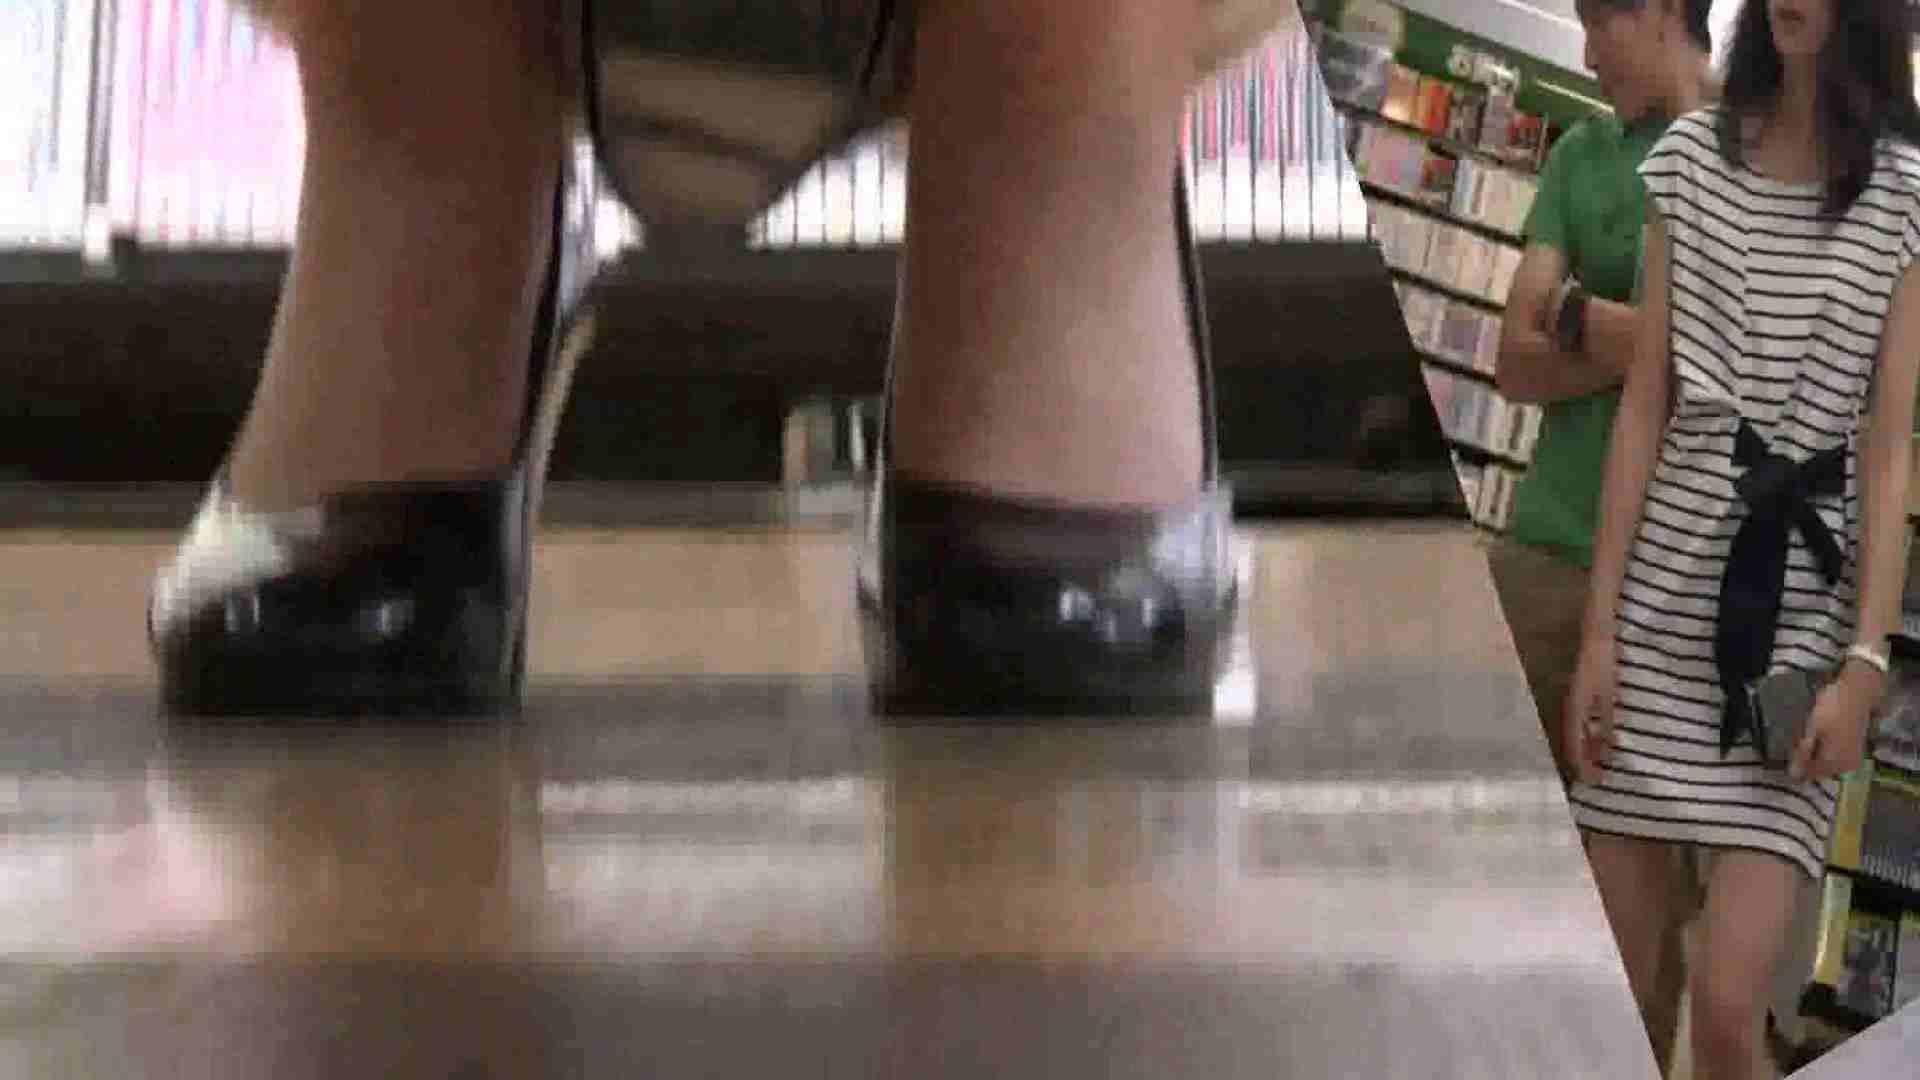 真剣に買い物中のgal達を上から下から狙います。vol.01 OLヌード天国 | JKヌード天国  77PIX 63